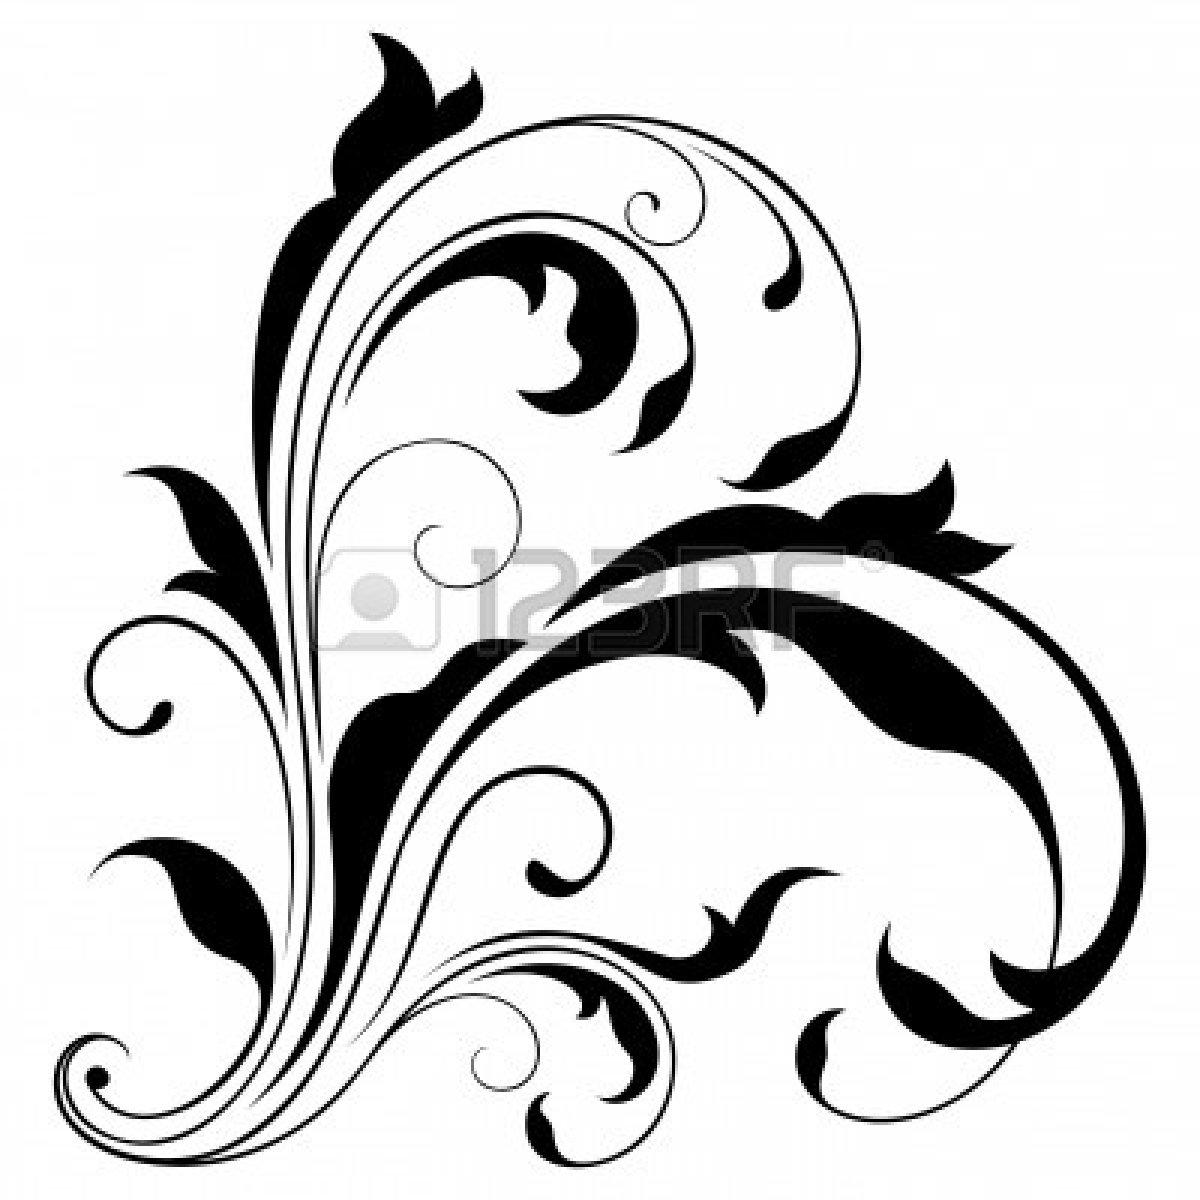 Elegant Swirl Designs Free Download Best